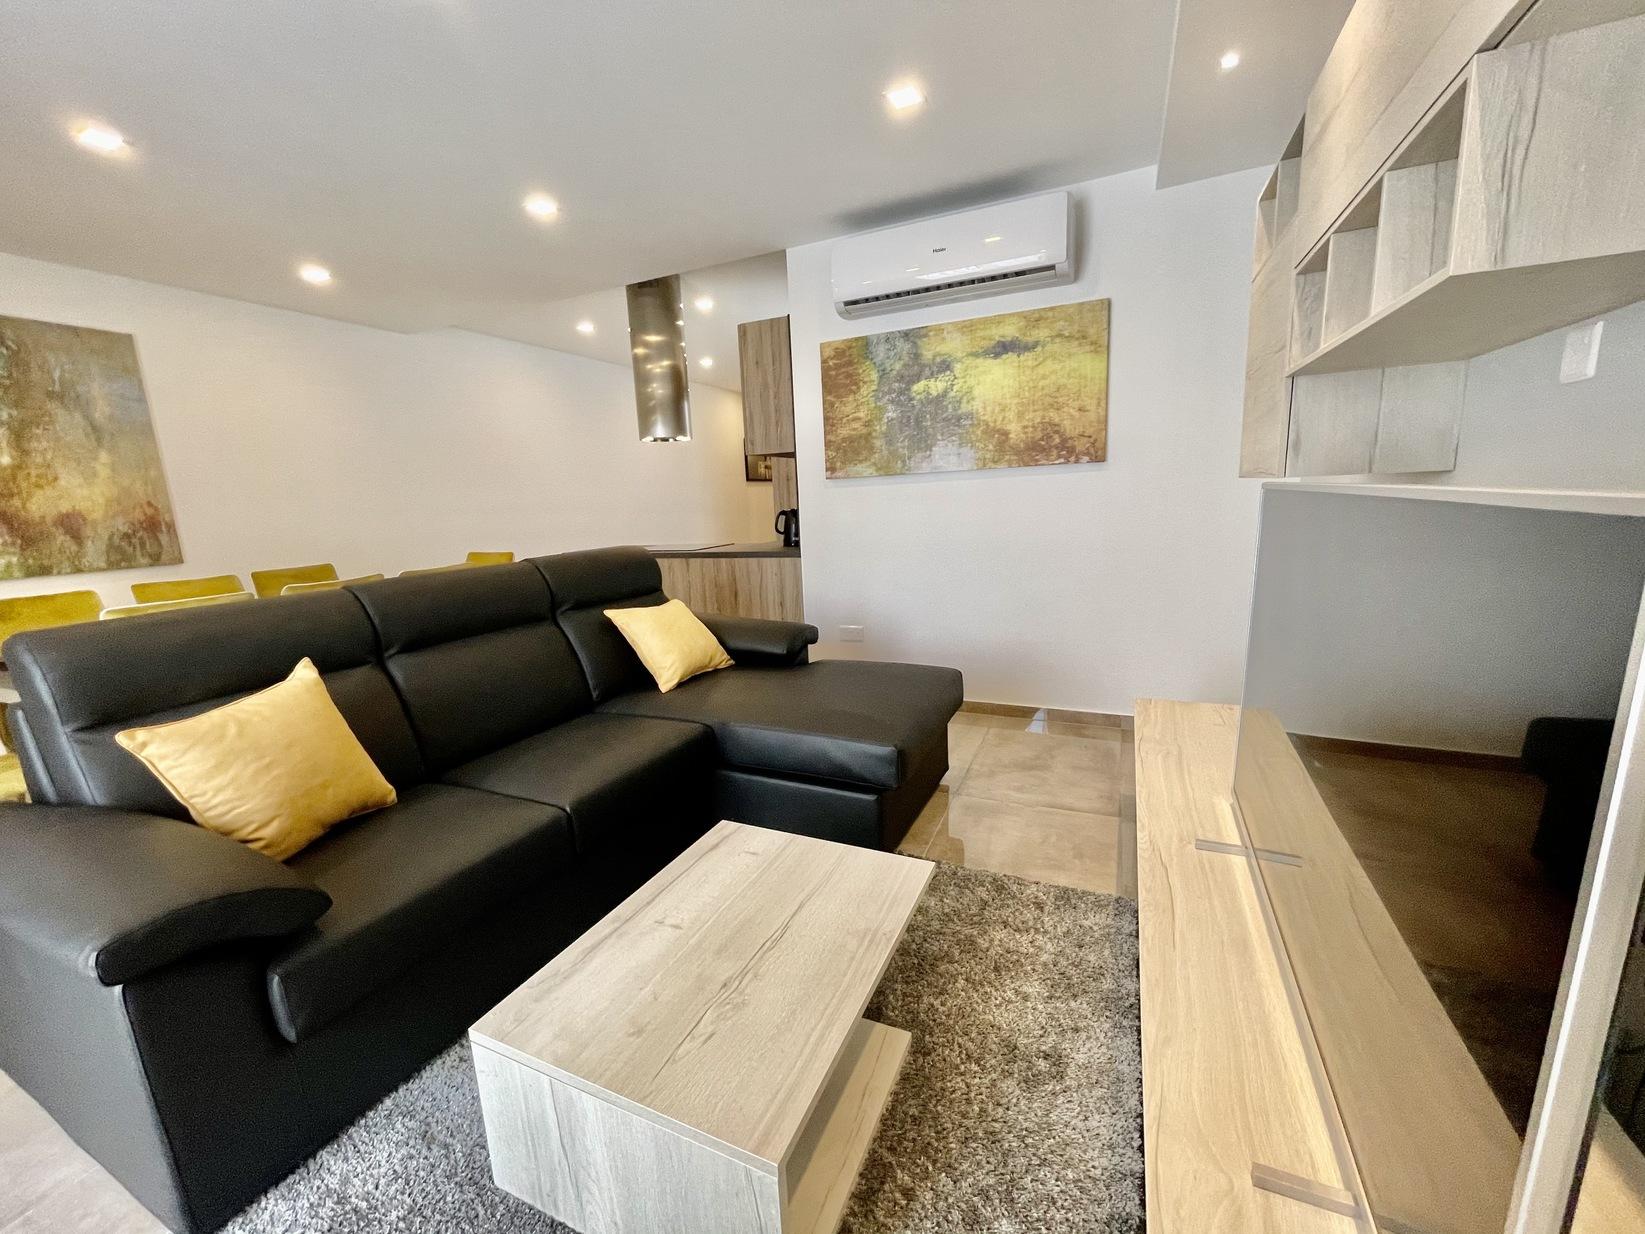 3 bed Apartment For Rent in Pieta, Pieta - thumb 3